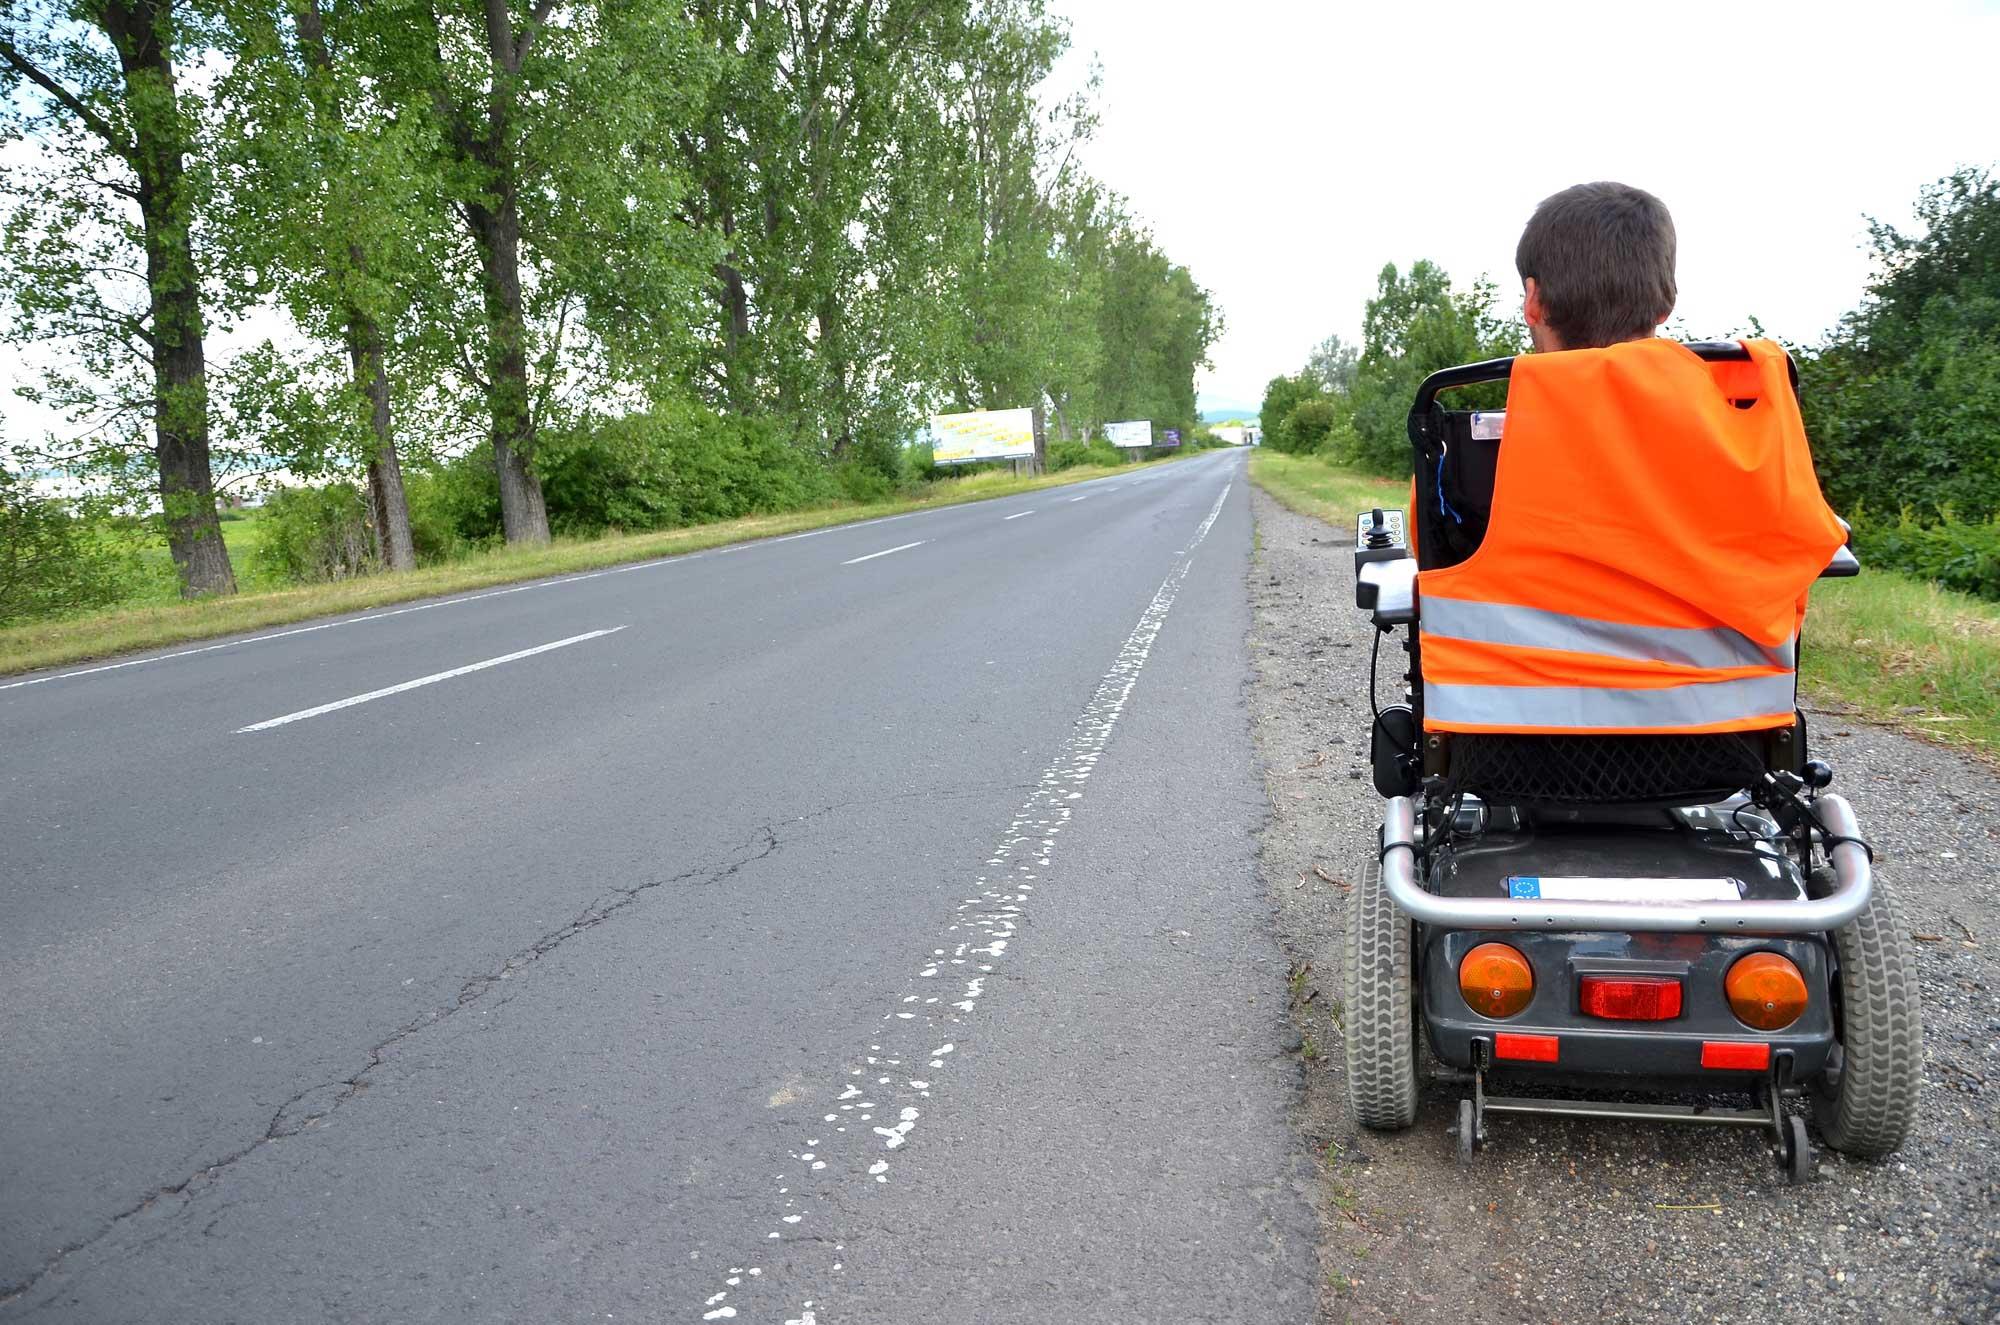 Rollstuhl an Strasse